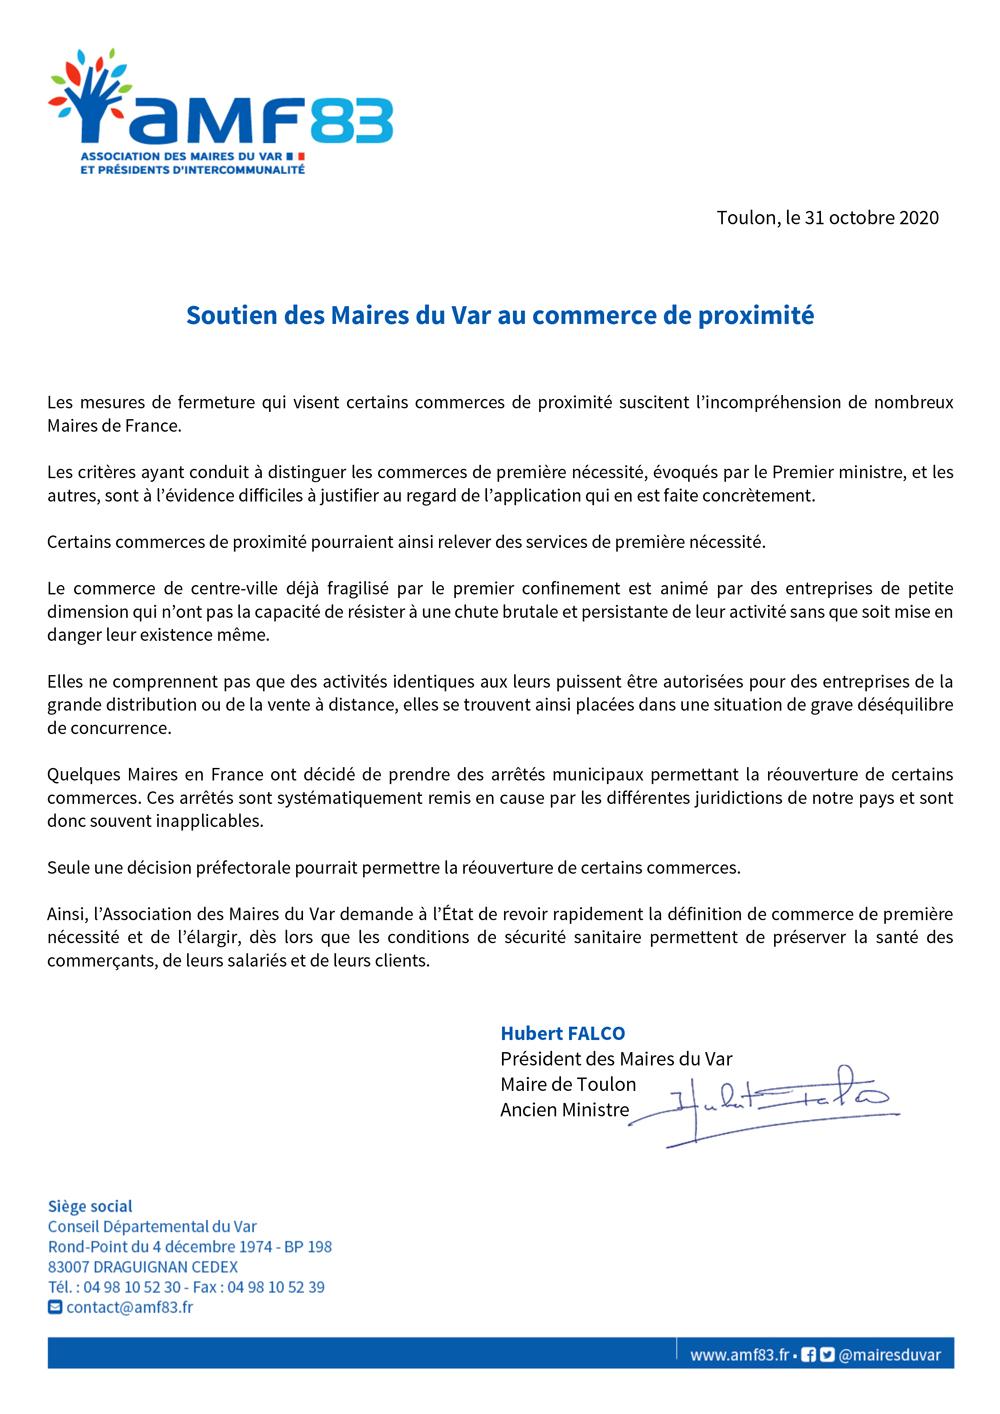 2020.10.31---Soutien-au-Commerce-de-Proximité---Communiq_ué-d'Hubert-FALCO